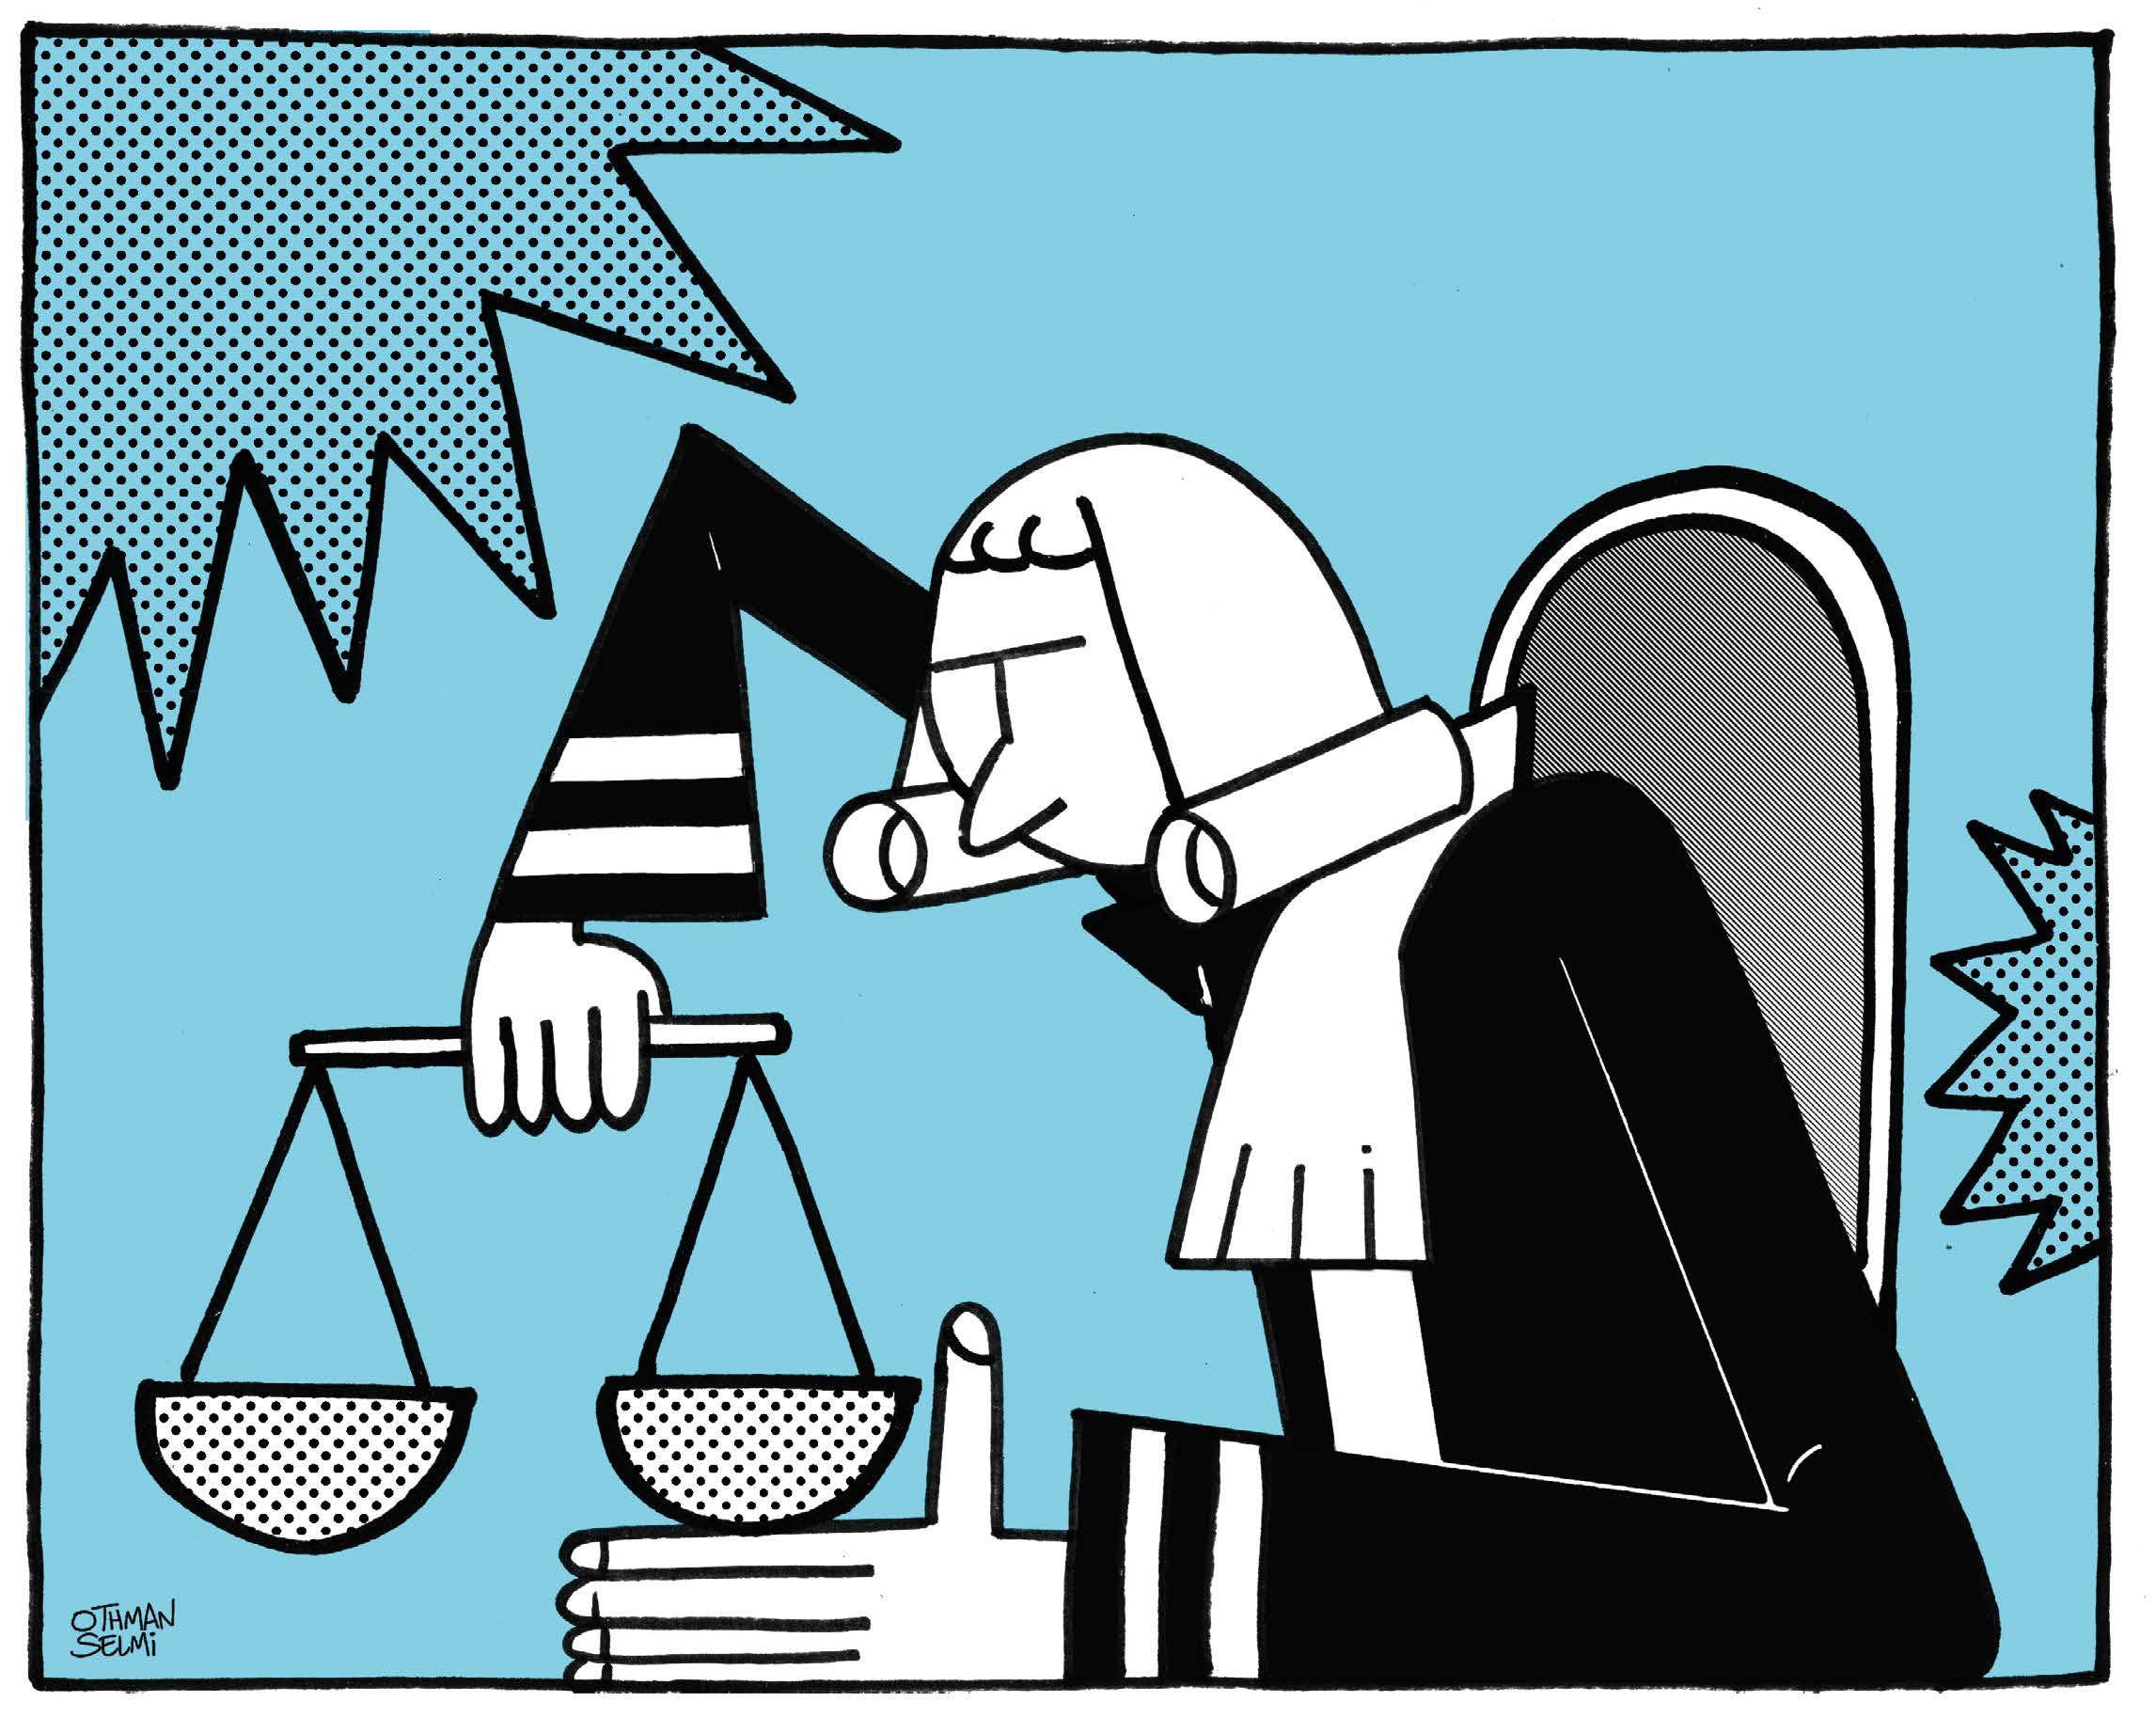 أفخاخ الماضي في مسار المحاسبة: هل يعود القاضي الطبيعي إلى مسار العدالة الانتقالية في تونس؟